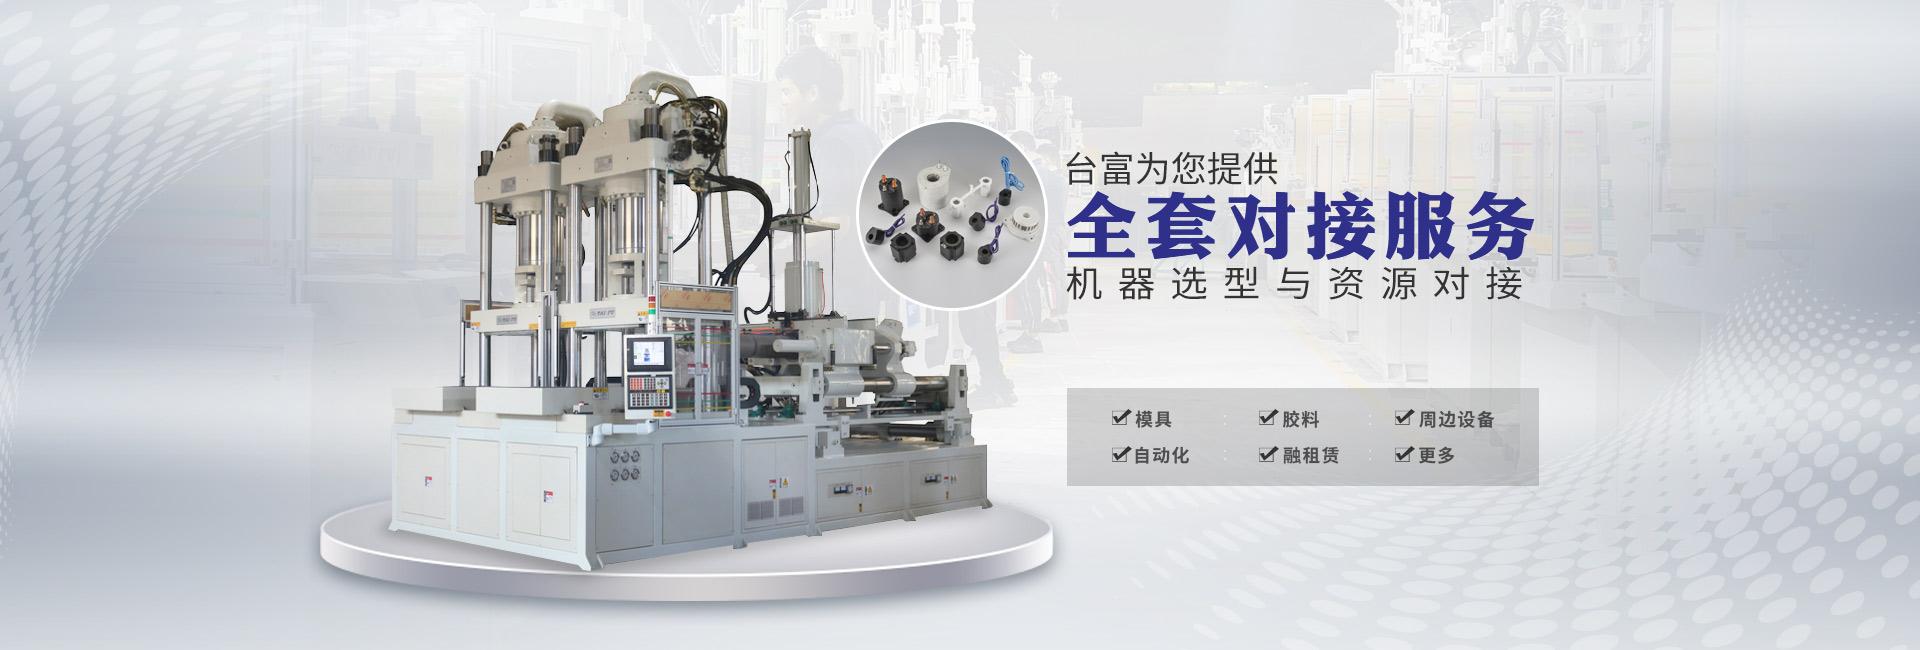 台富机械享誉中国   畅销世界